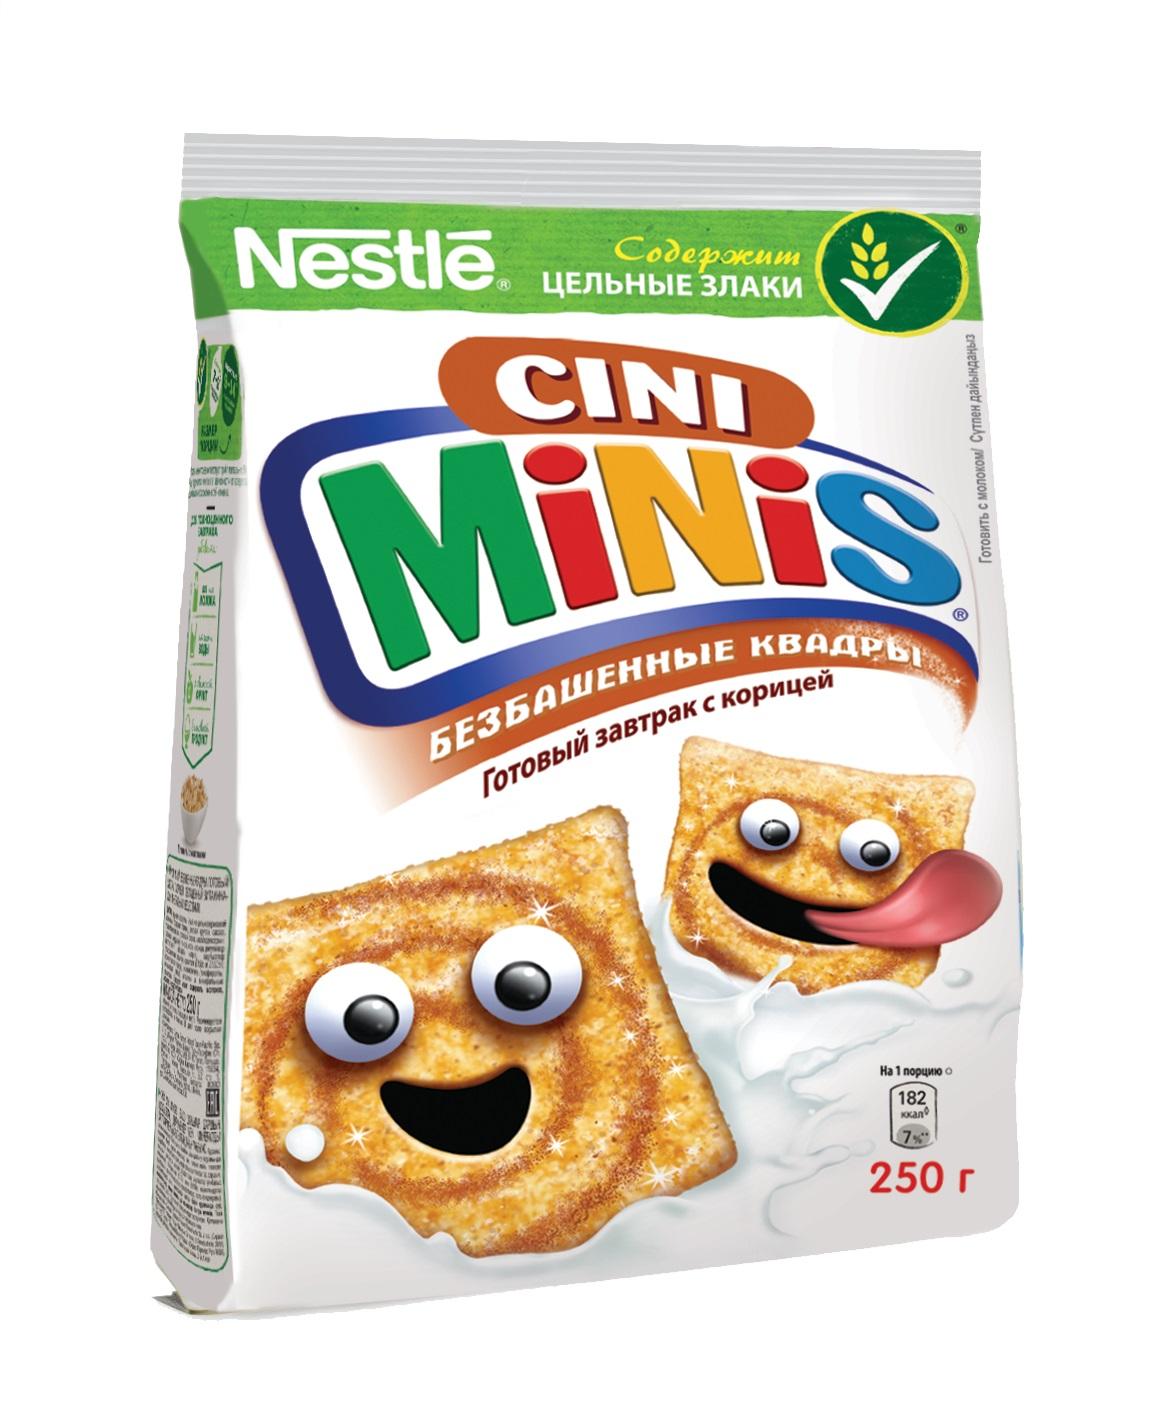 Готовые завтраки, каши, мюсли Bruggen или Готовые завтраки, каши, мюсли Nestle — что лучше